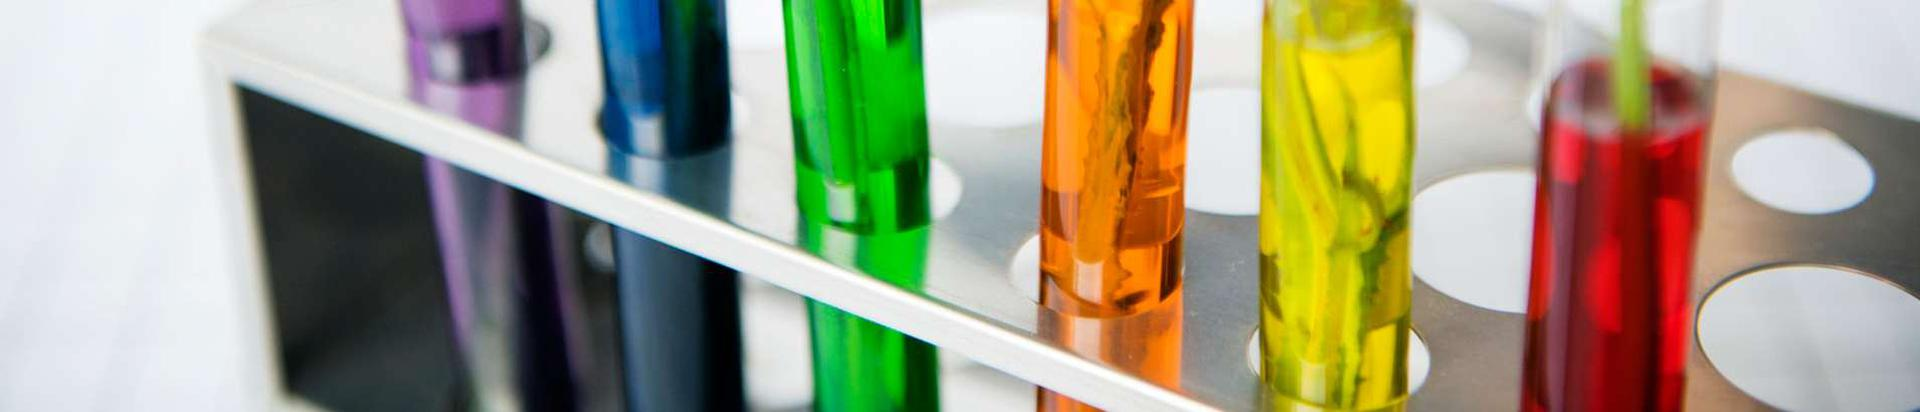 74000257_keemilise-ja-bioloogilise-fuusika-instituut_61739886_xl.jpg